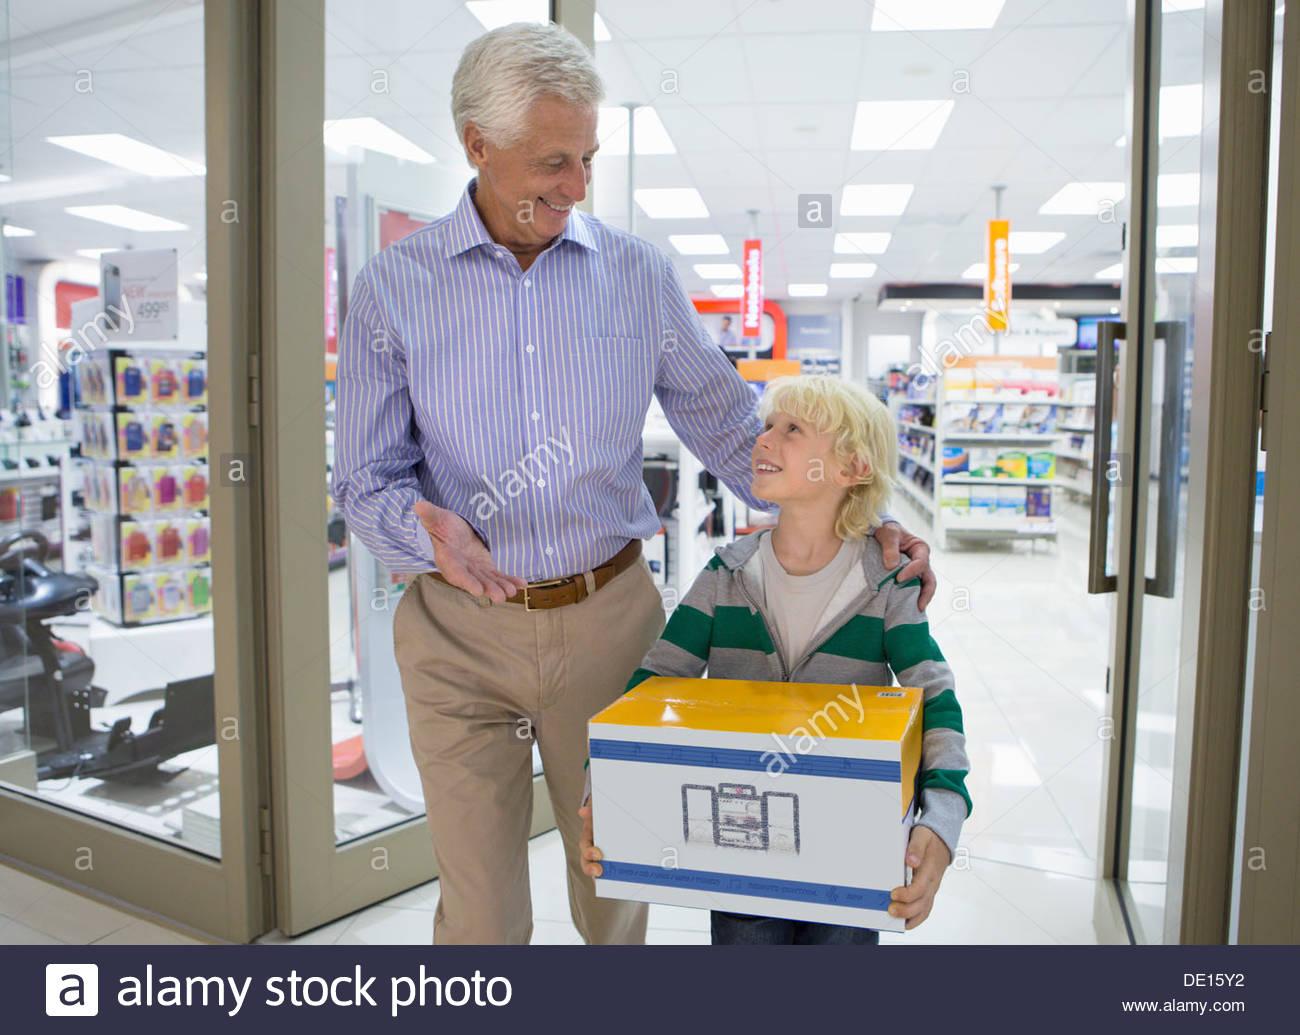 Sonriendo abuelo y nieto dejando tienda de electrónica con estuche Imagen De Stock